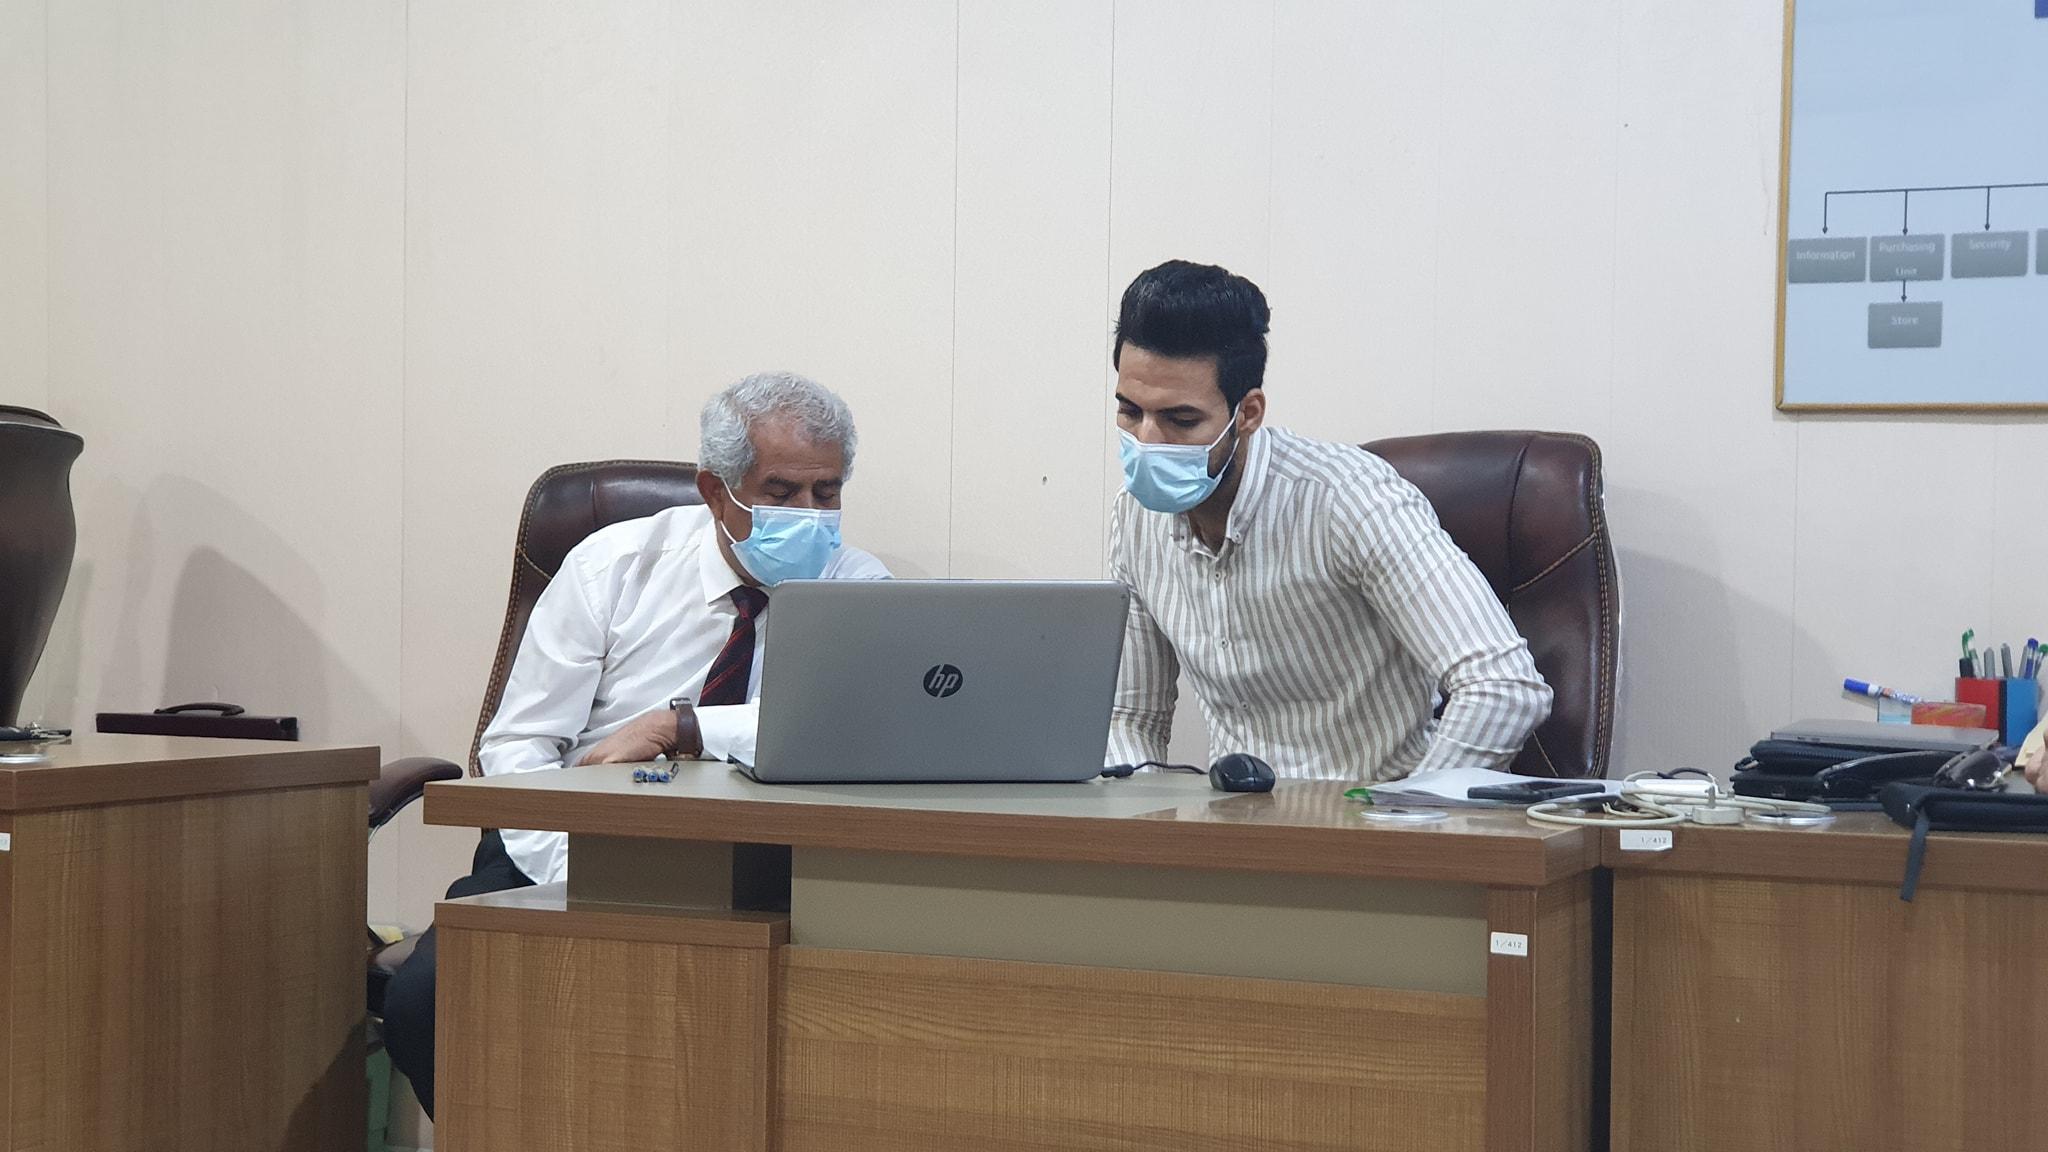 اللجنة الوزارية للأمتحانات الإلكترونية تزور كلية شط العرب الجامعة